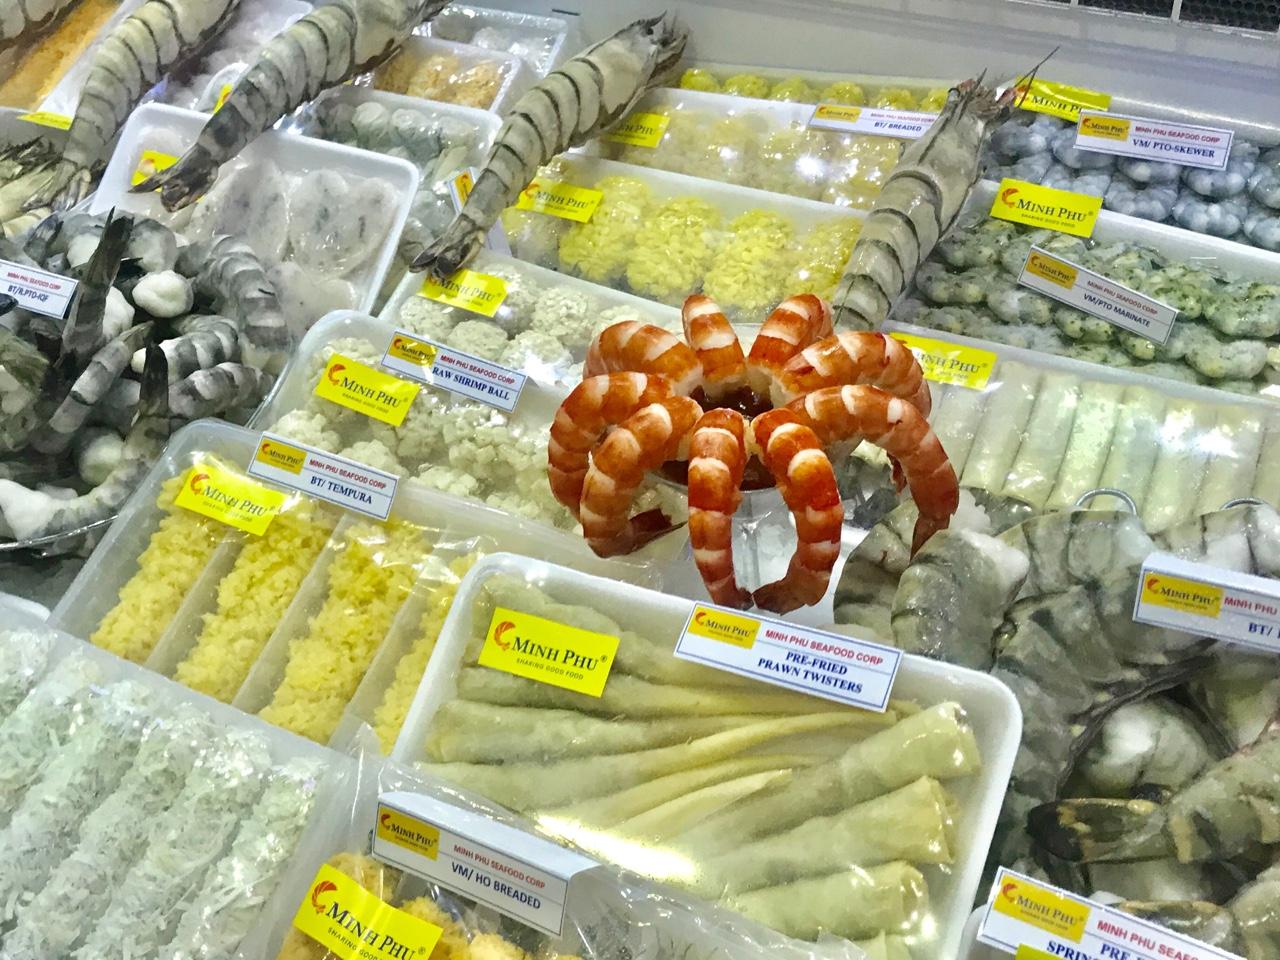 Thủy hải sản xuất khẩu sang châu Âu có dấu hiệu tăng trưởng tốt